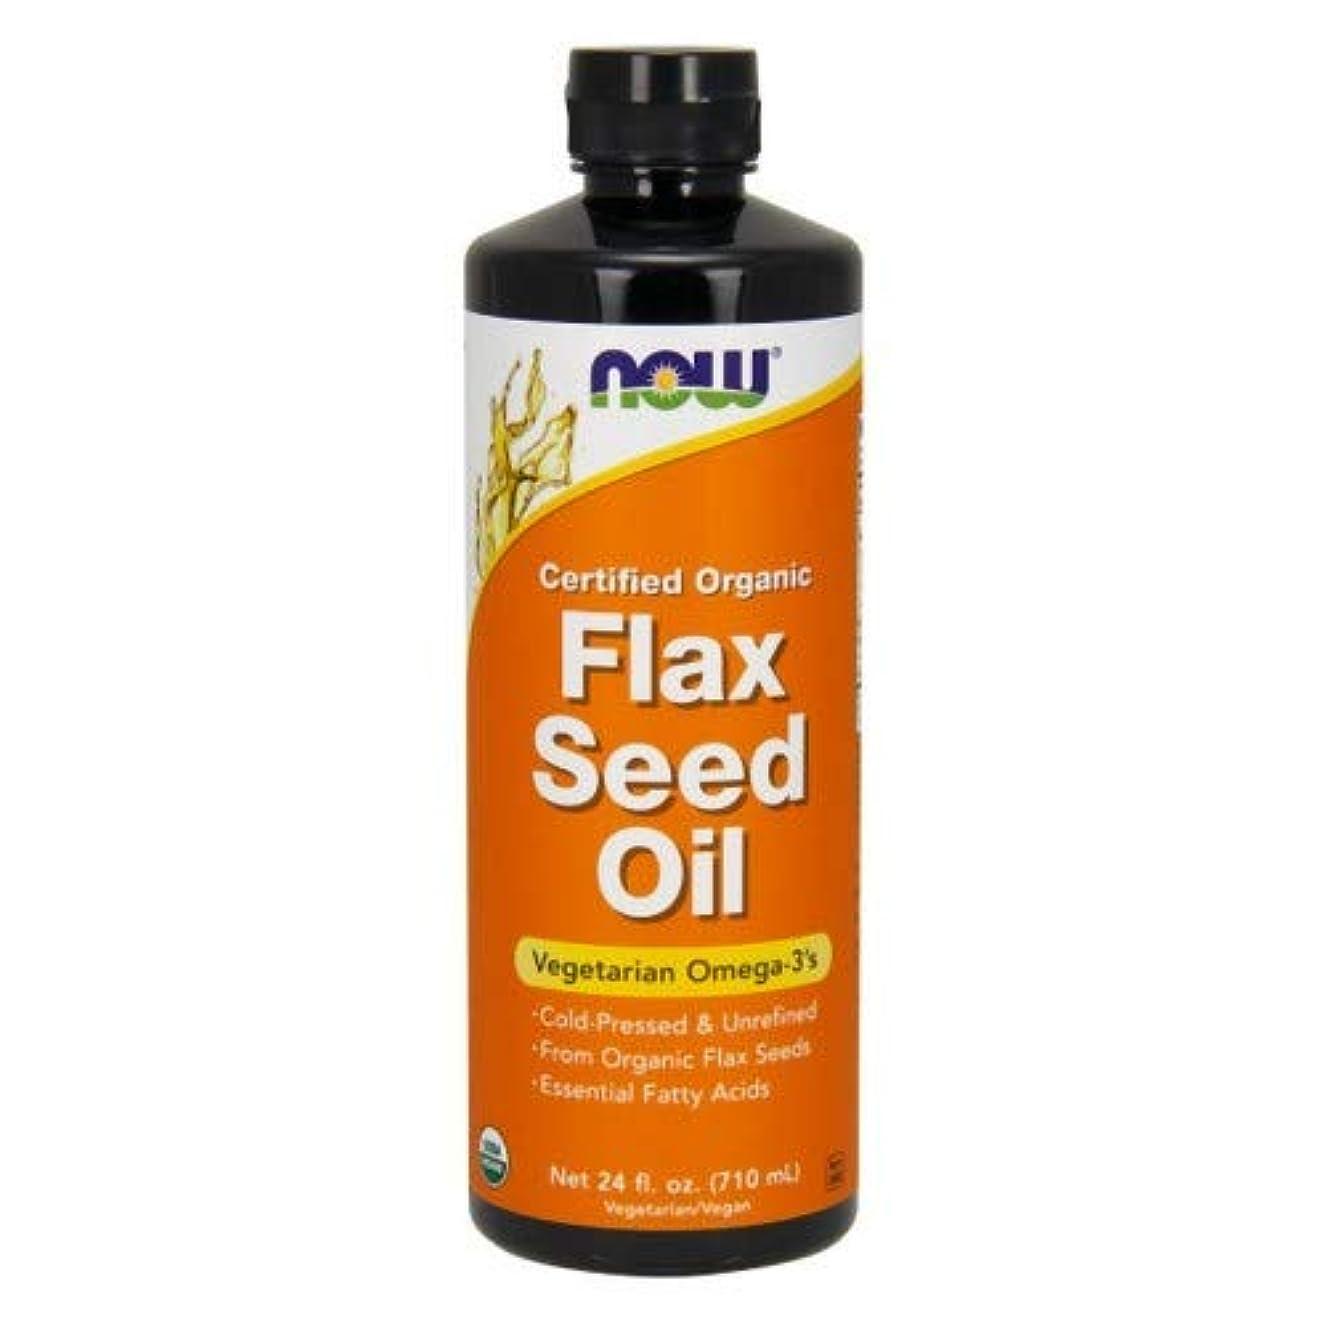 太い効能ある霜Flax Seed Oil (Certified Organic) 24